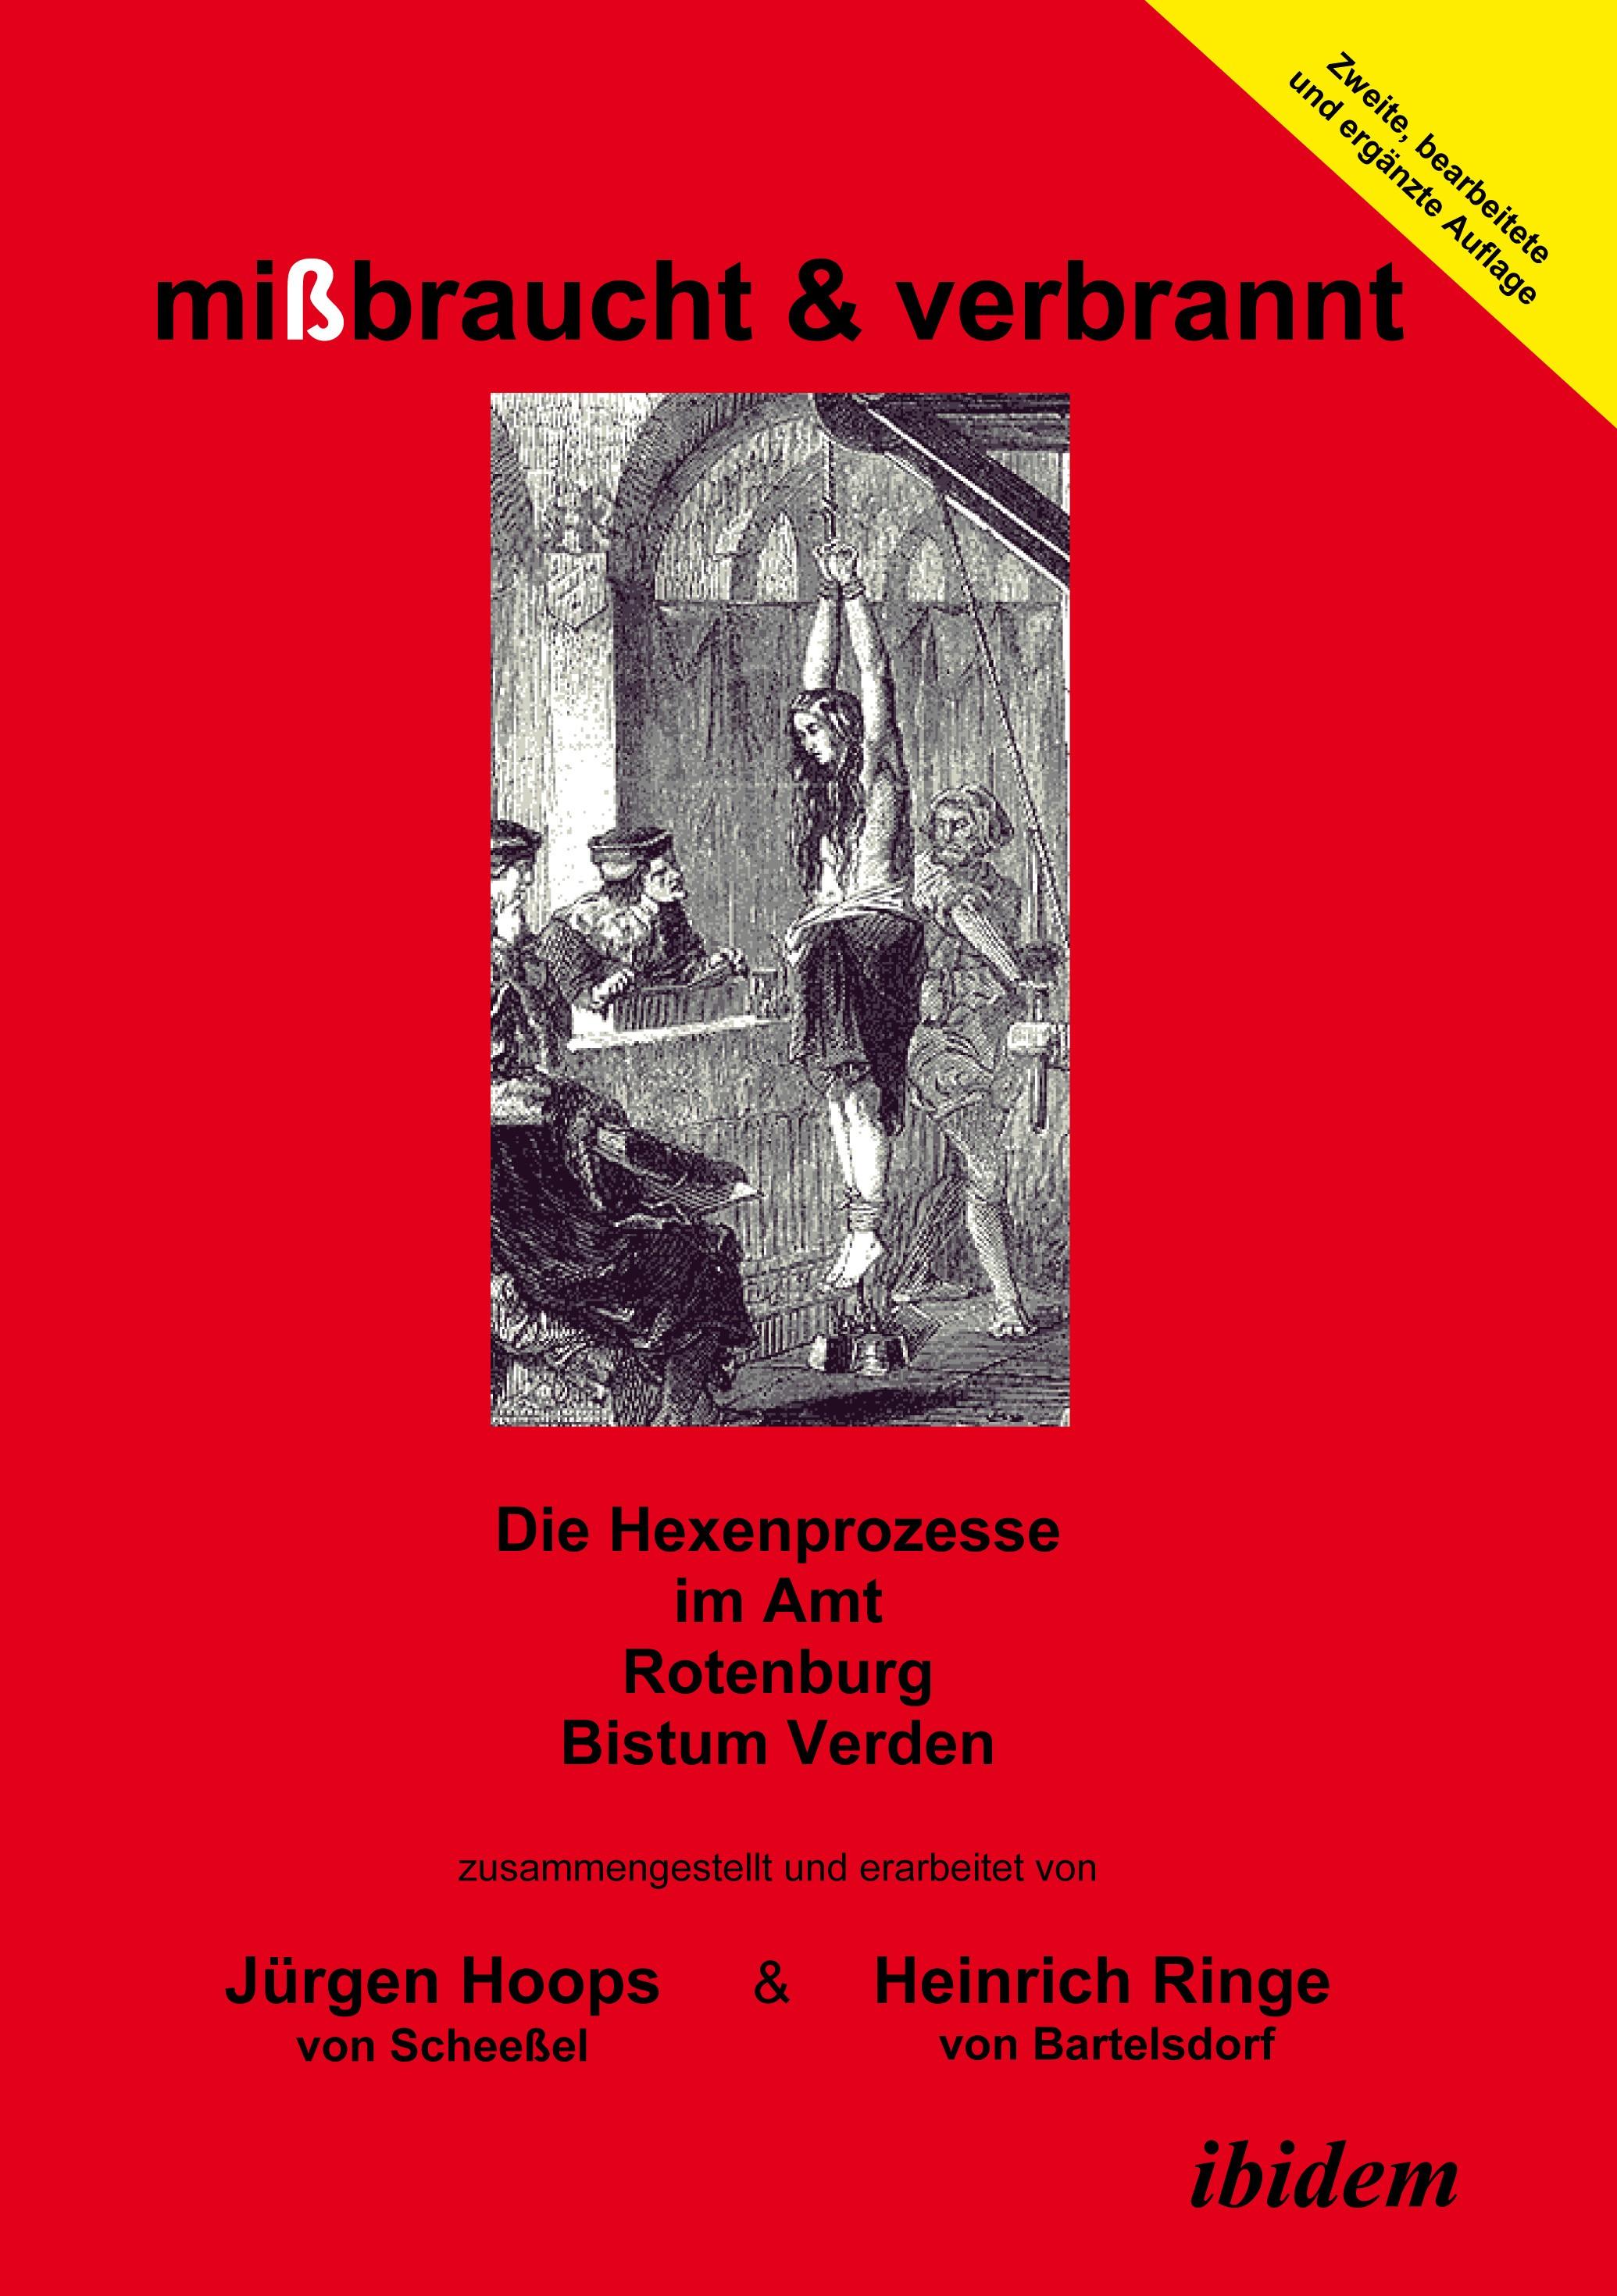 mißbraucht & verbrannt. Die Hexenprozesse im Amt Rotenburg, Bistum Verden